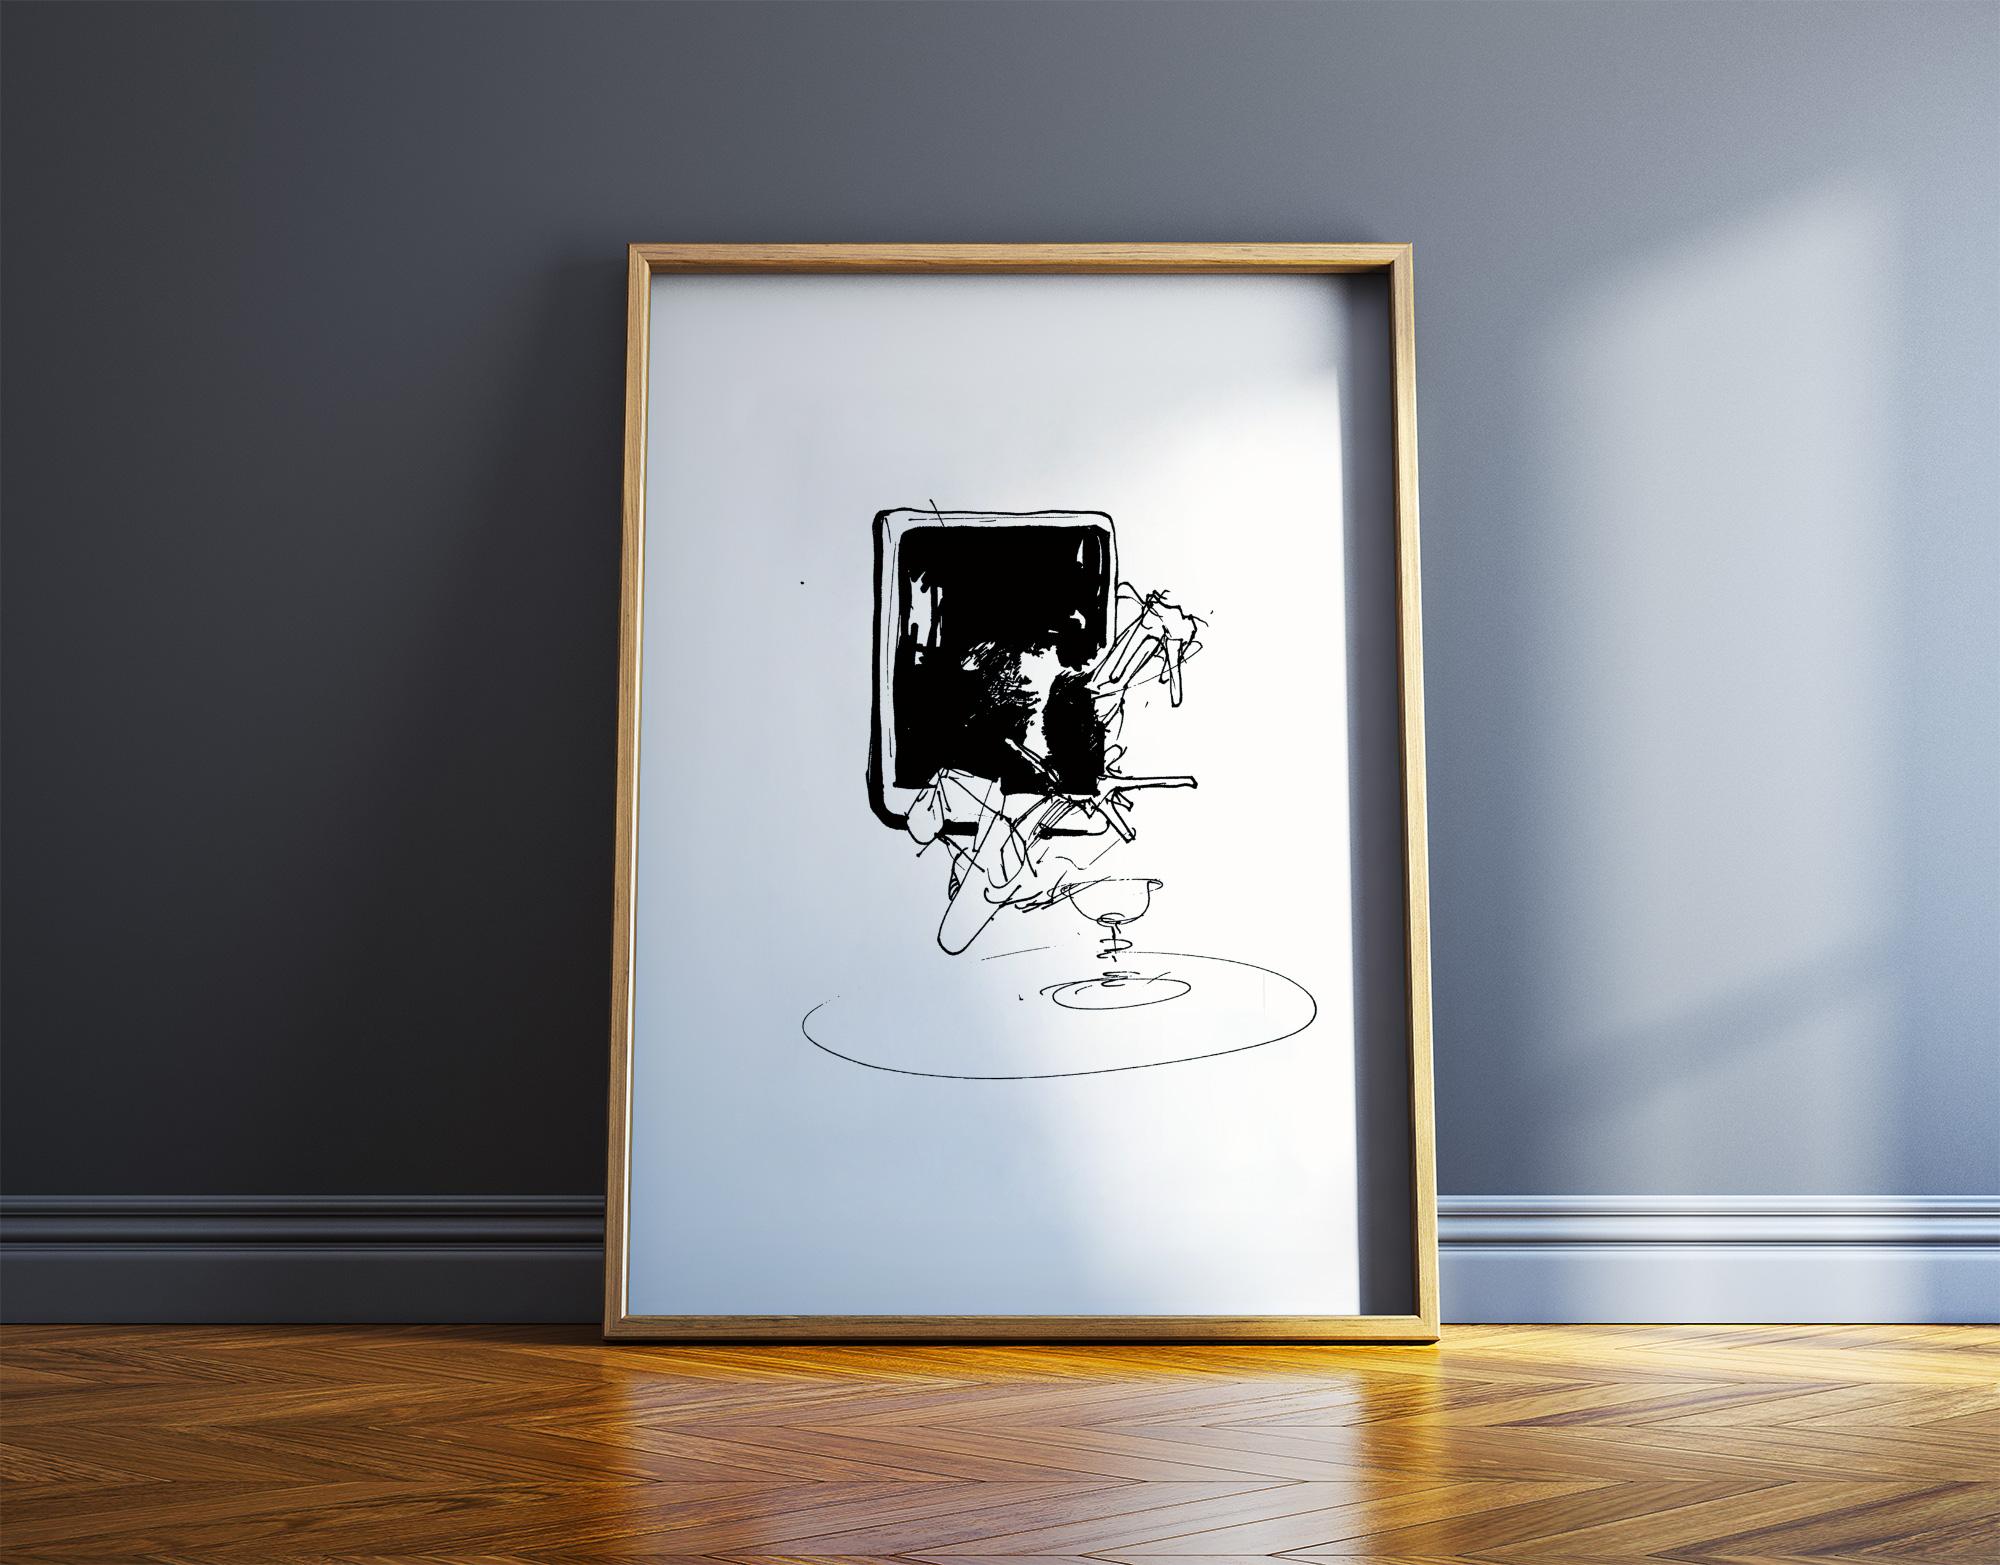 kunsttryk, gliceé, abstrakte, ekspressionistiske, monokrome, mønstre, mennesker, sorte, hvide, blæk, papir, sort-hvide, samtidskunst, dansk, dekorative, design, ekspressionisme, ansigter, interiør, bolig-indretning, moderne, moderne-kunst, nordisk, plakater, tryk, skandinavisk, Køb original kunst og kunstplakater. Malerier, tegninger, limited edition kunsttryk & plakater af dygtige kunstnere.